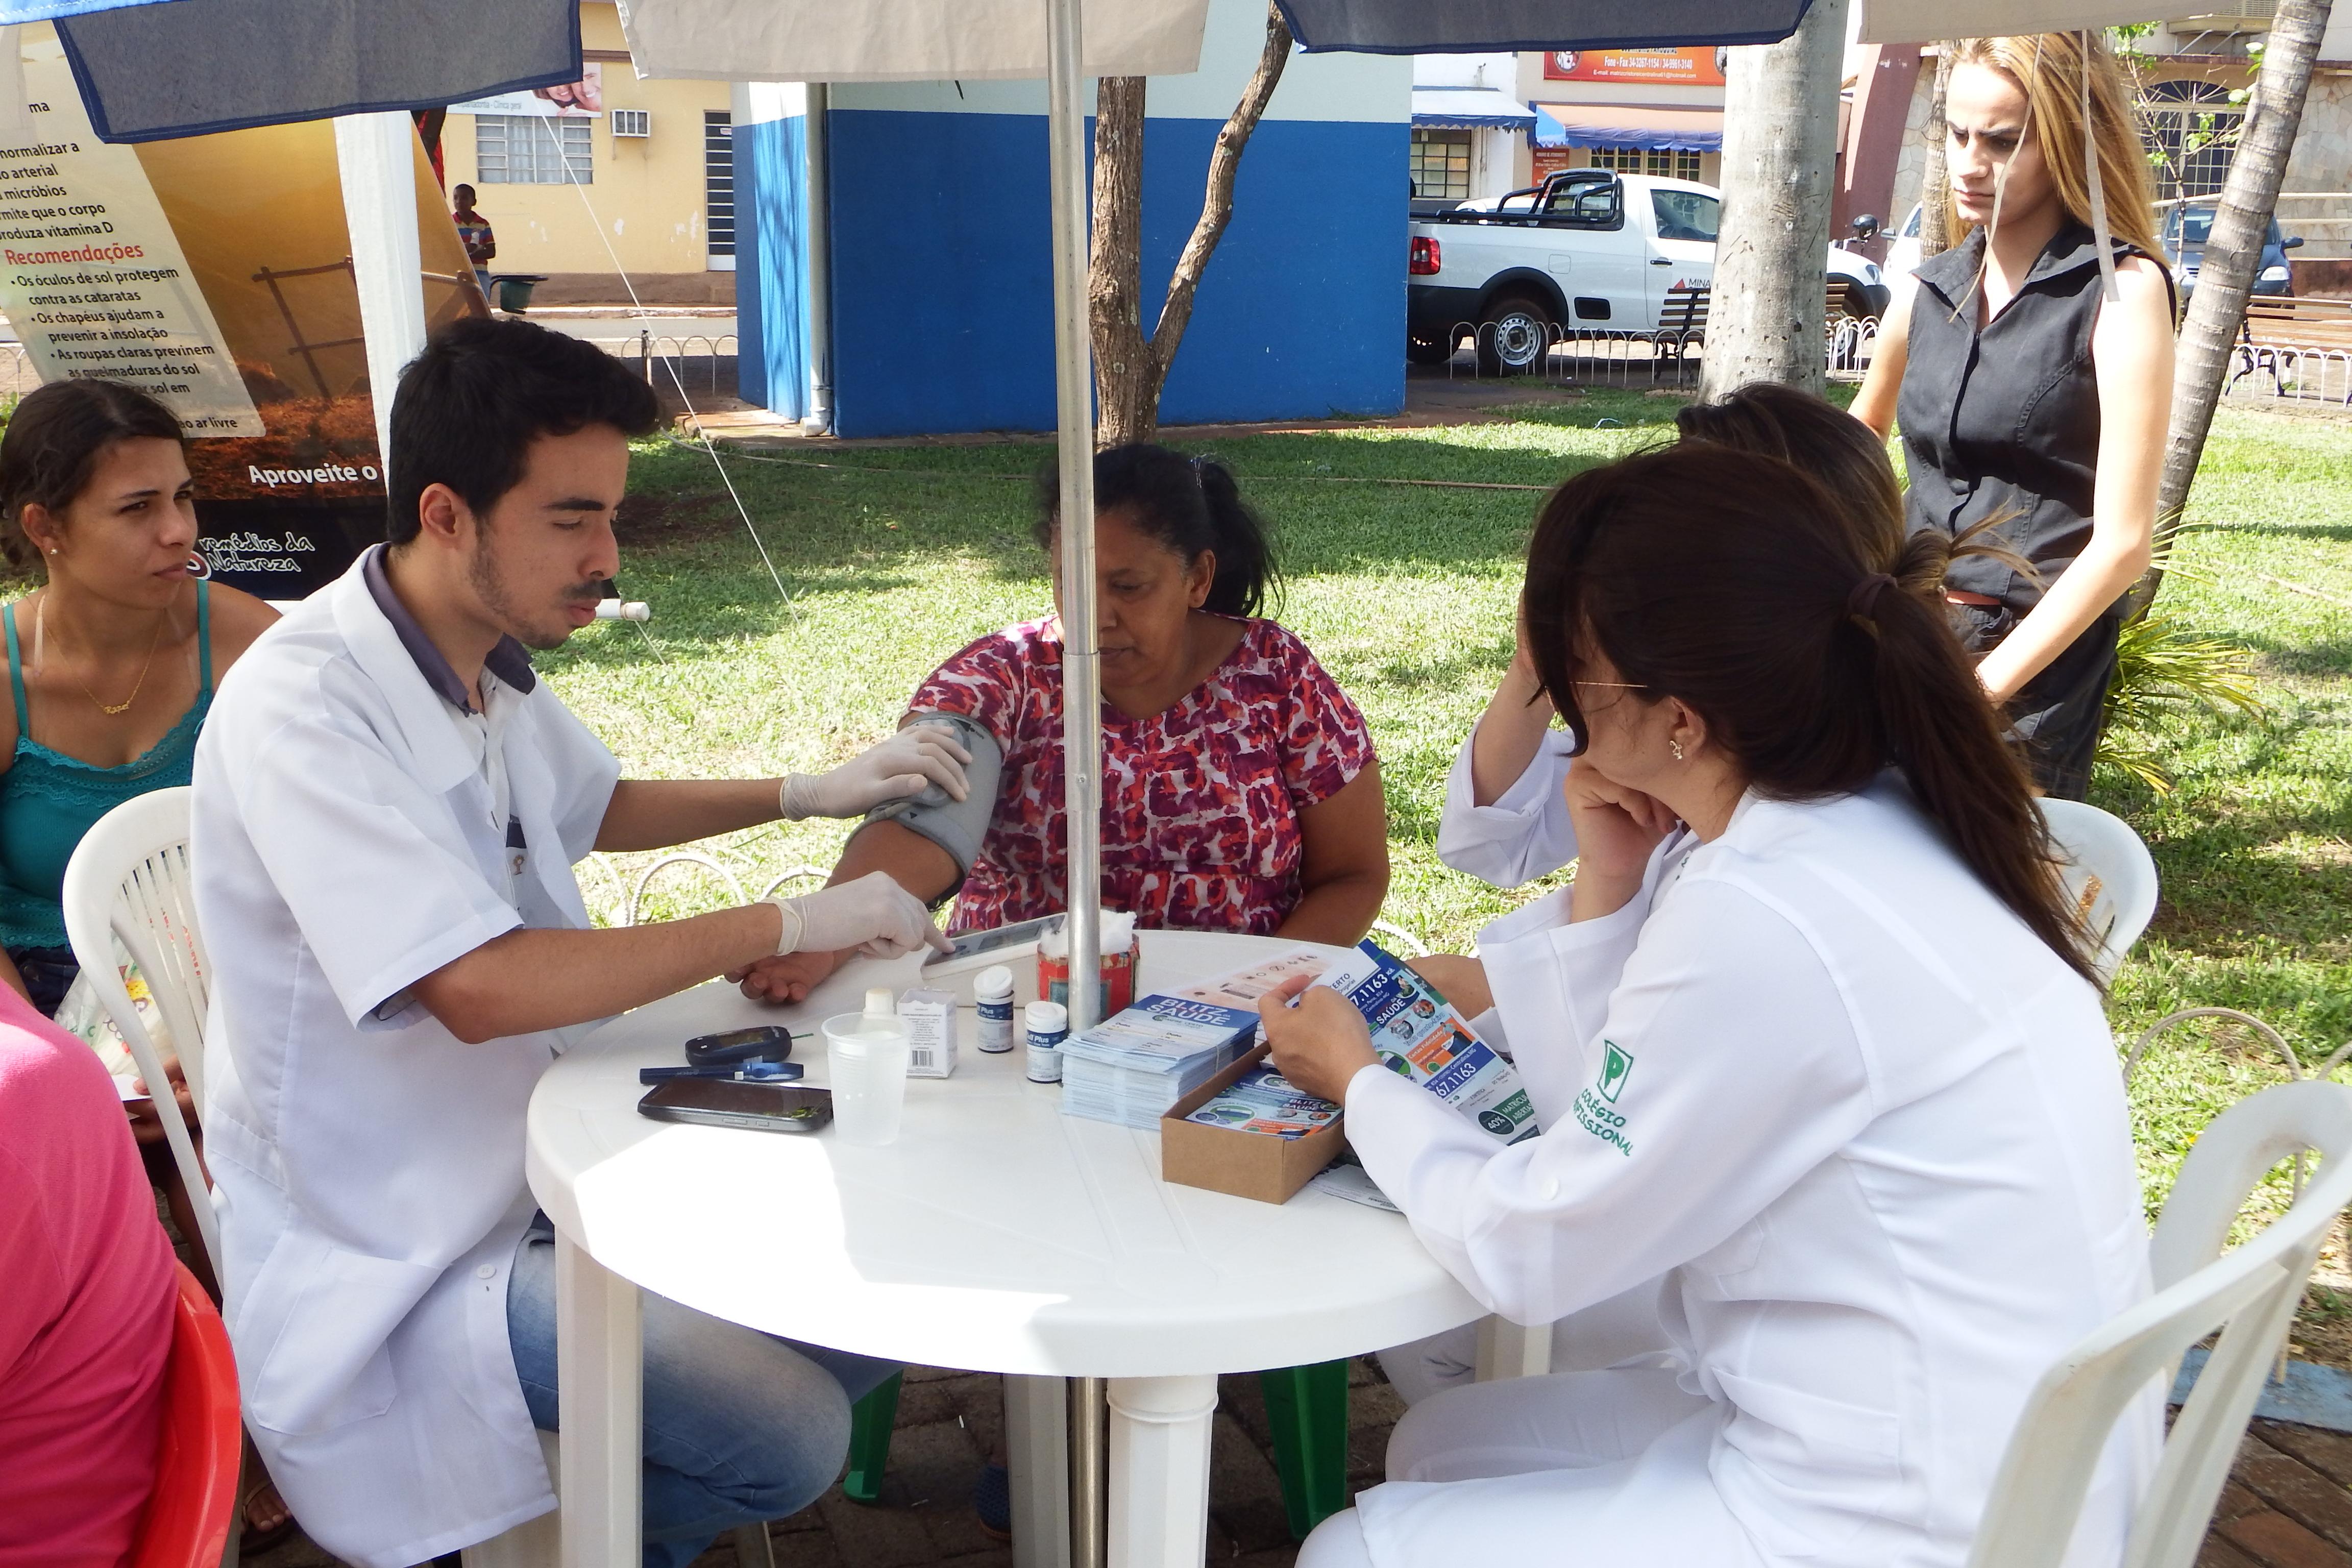 População teve acesso a serviços de saúde gratuitamente (Foto: Nanda Pertylle)